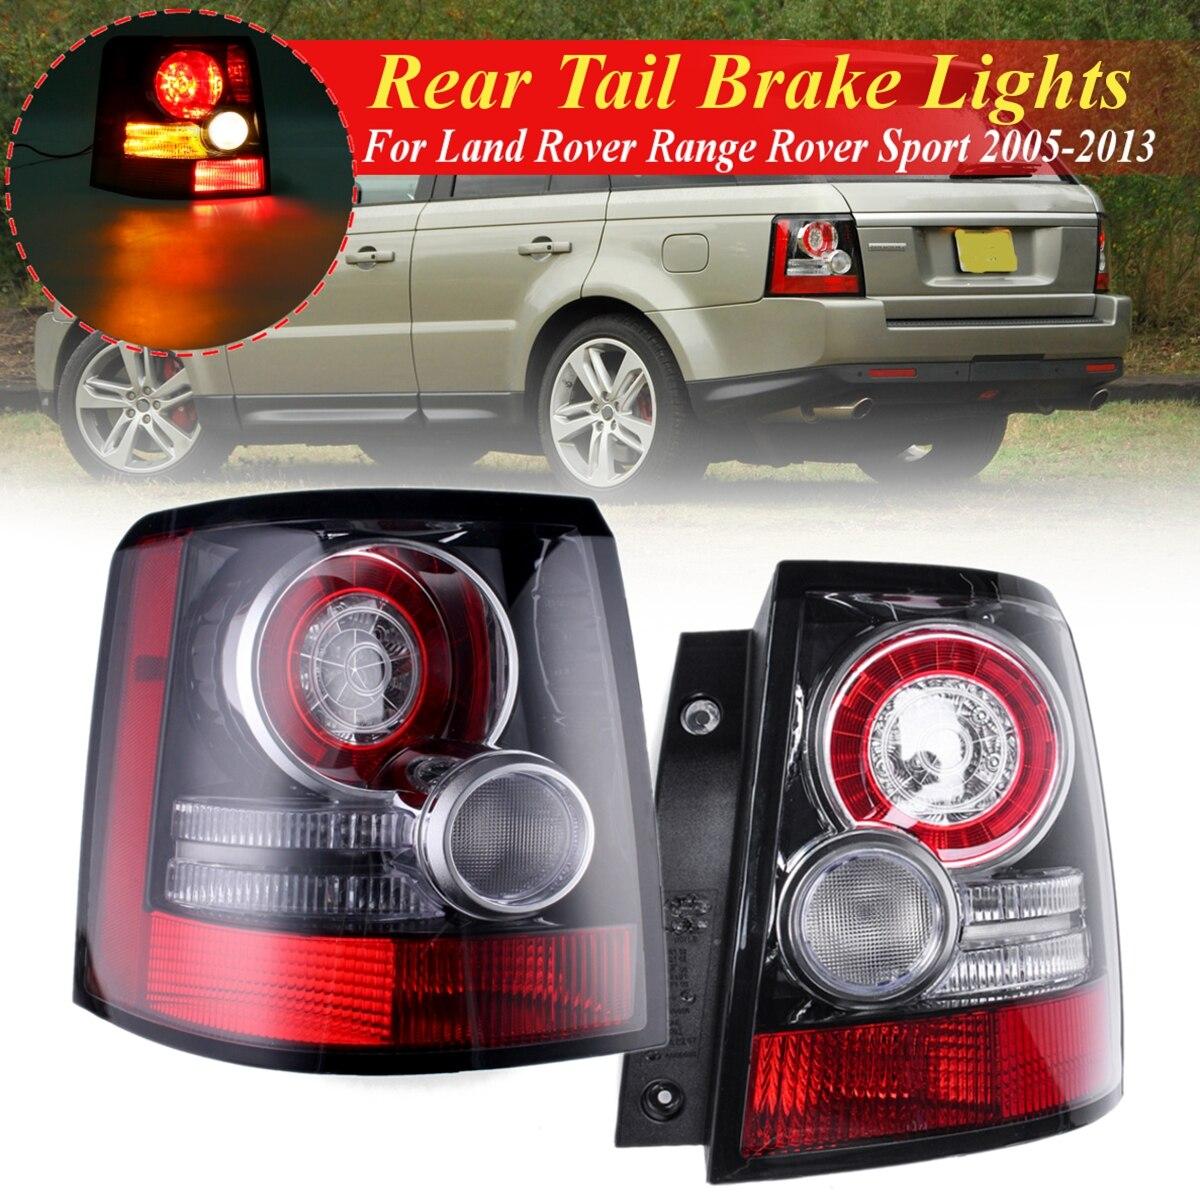 Para Land Rover Range Rover Sport 2005 2006 2007-2013 Pair 1 Cauda Traseira Do Carro Luzes de Freio Pára Refletor luzes traseiras Parada Lâmpada